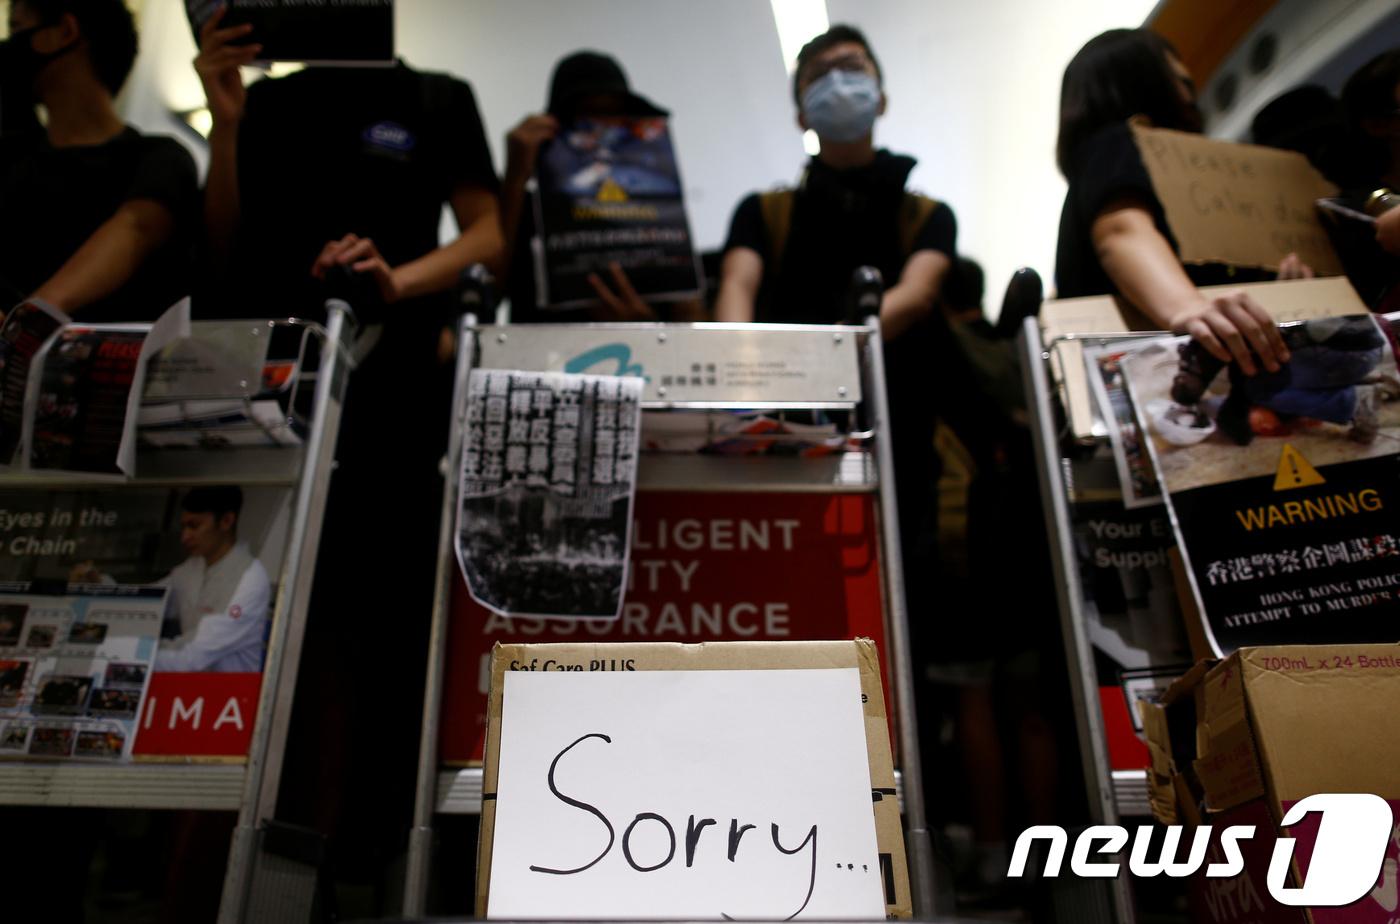 홍콩 공항 이틀째 폐쇄..시위 향한 불만 키우나? (종합)[비트 토토|하이파크 토토]